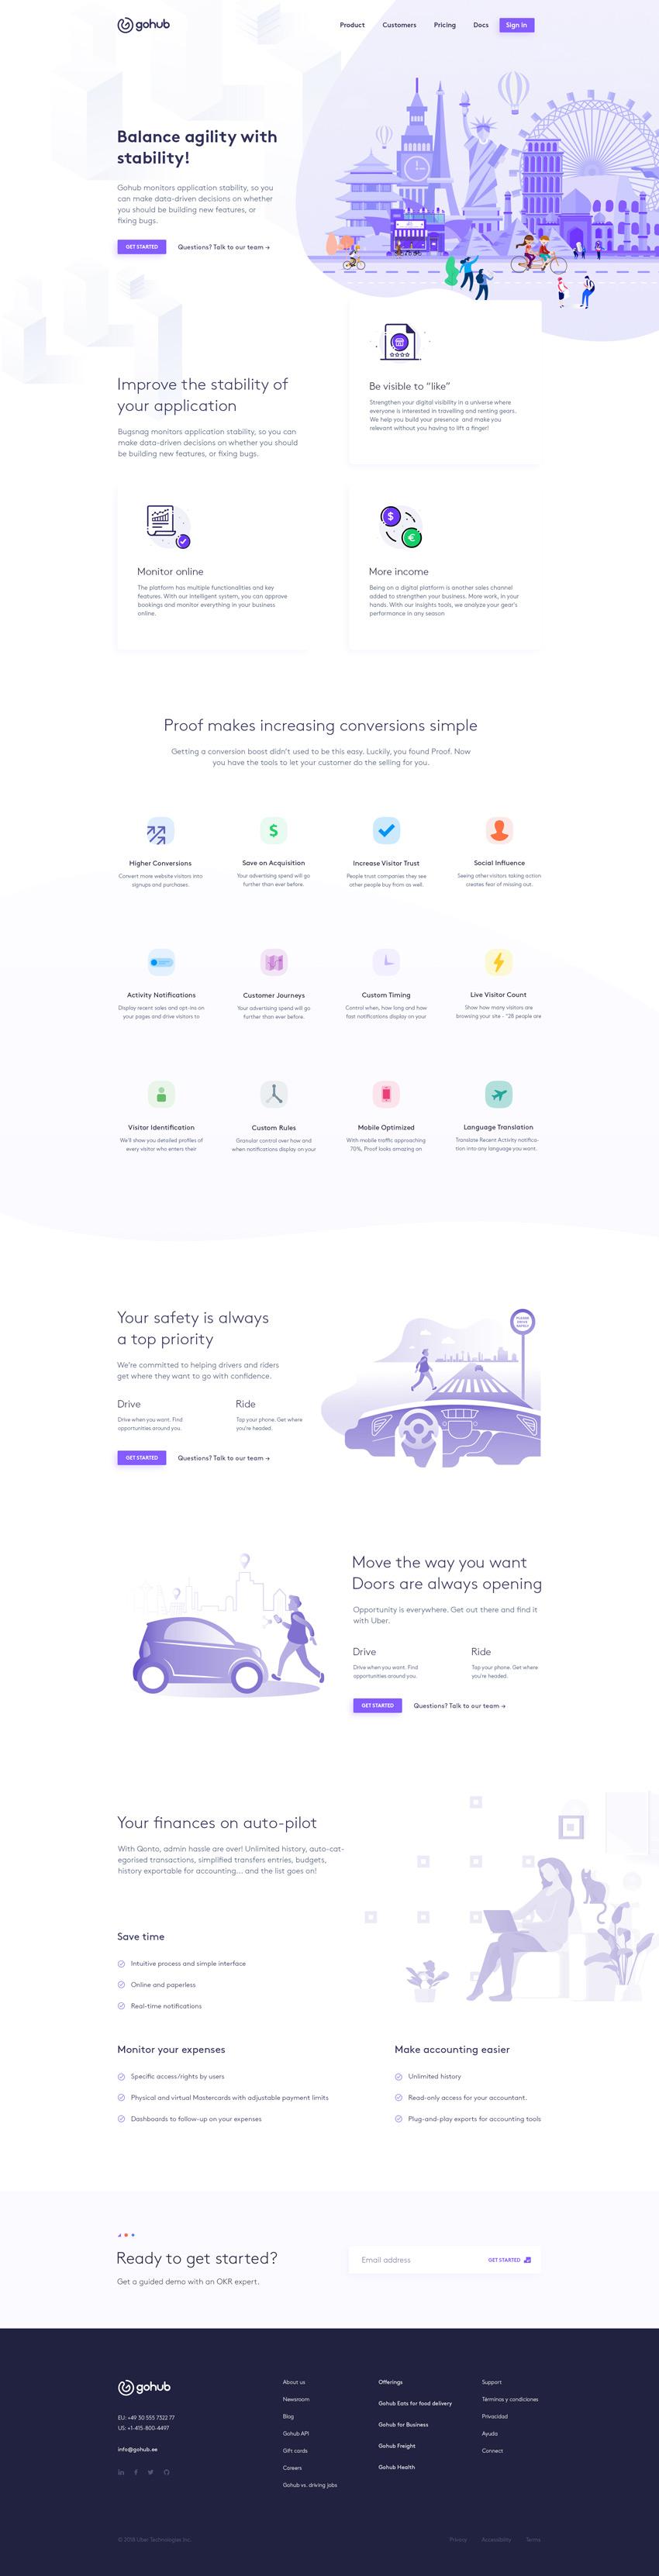 GoHub - Шаблон Landing Page (.Psd) скачать бесплатно